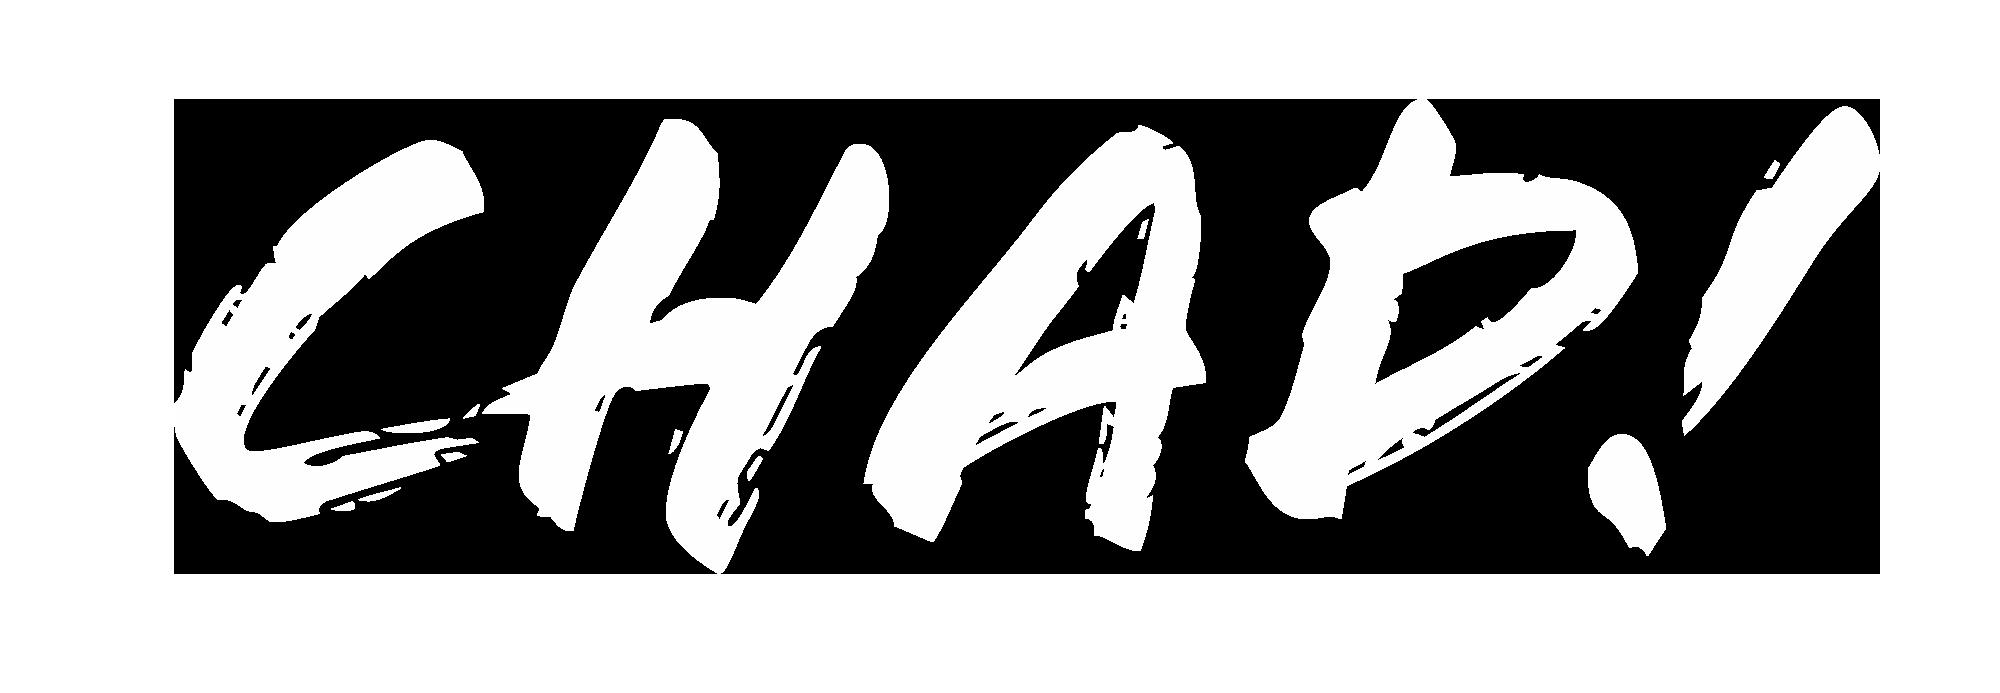 heyitschad